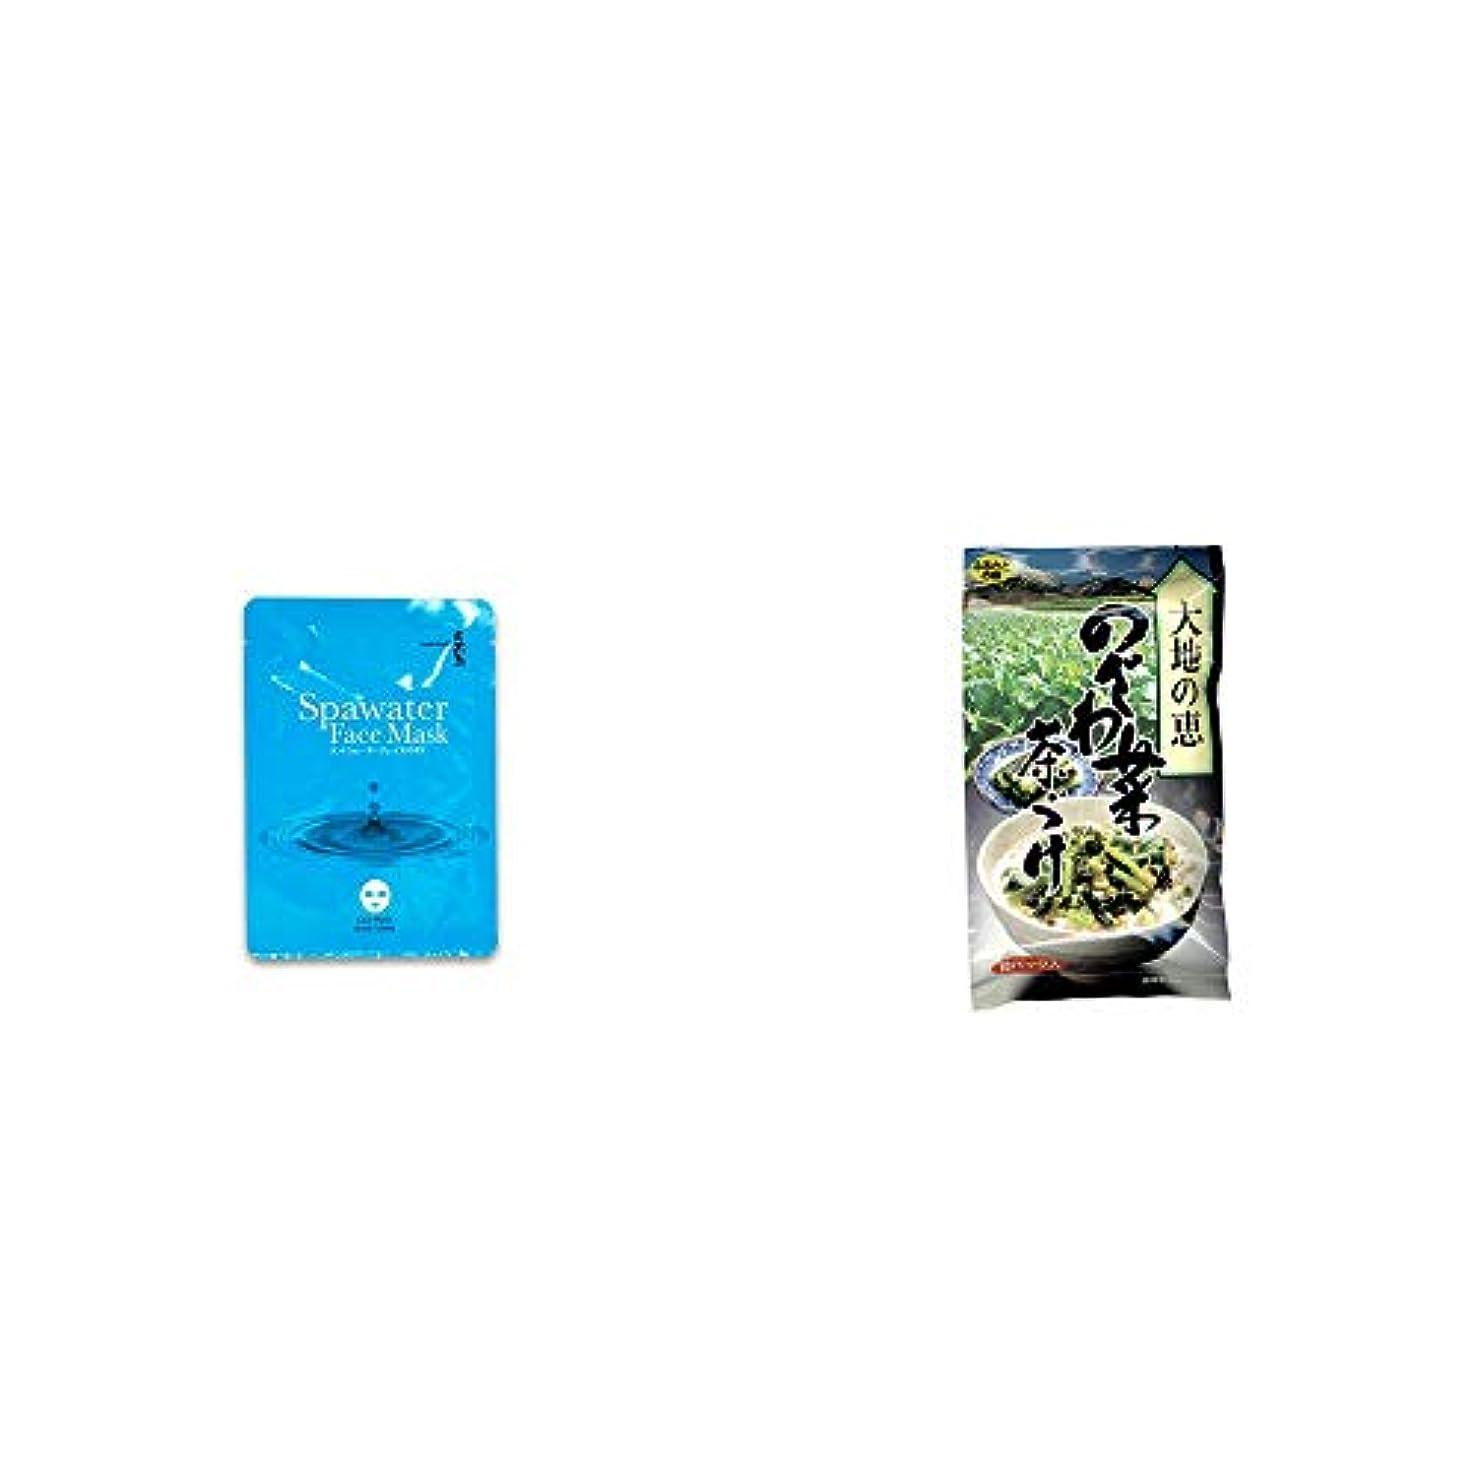 レジ定義する指導する[2点セット] ひのき炭黒泉 スパウォーターフェイスマスク(18ml×3枚入)?特選茶漬け 大地の恵 のざわ菜茶づけ(10袋入)